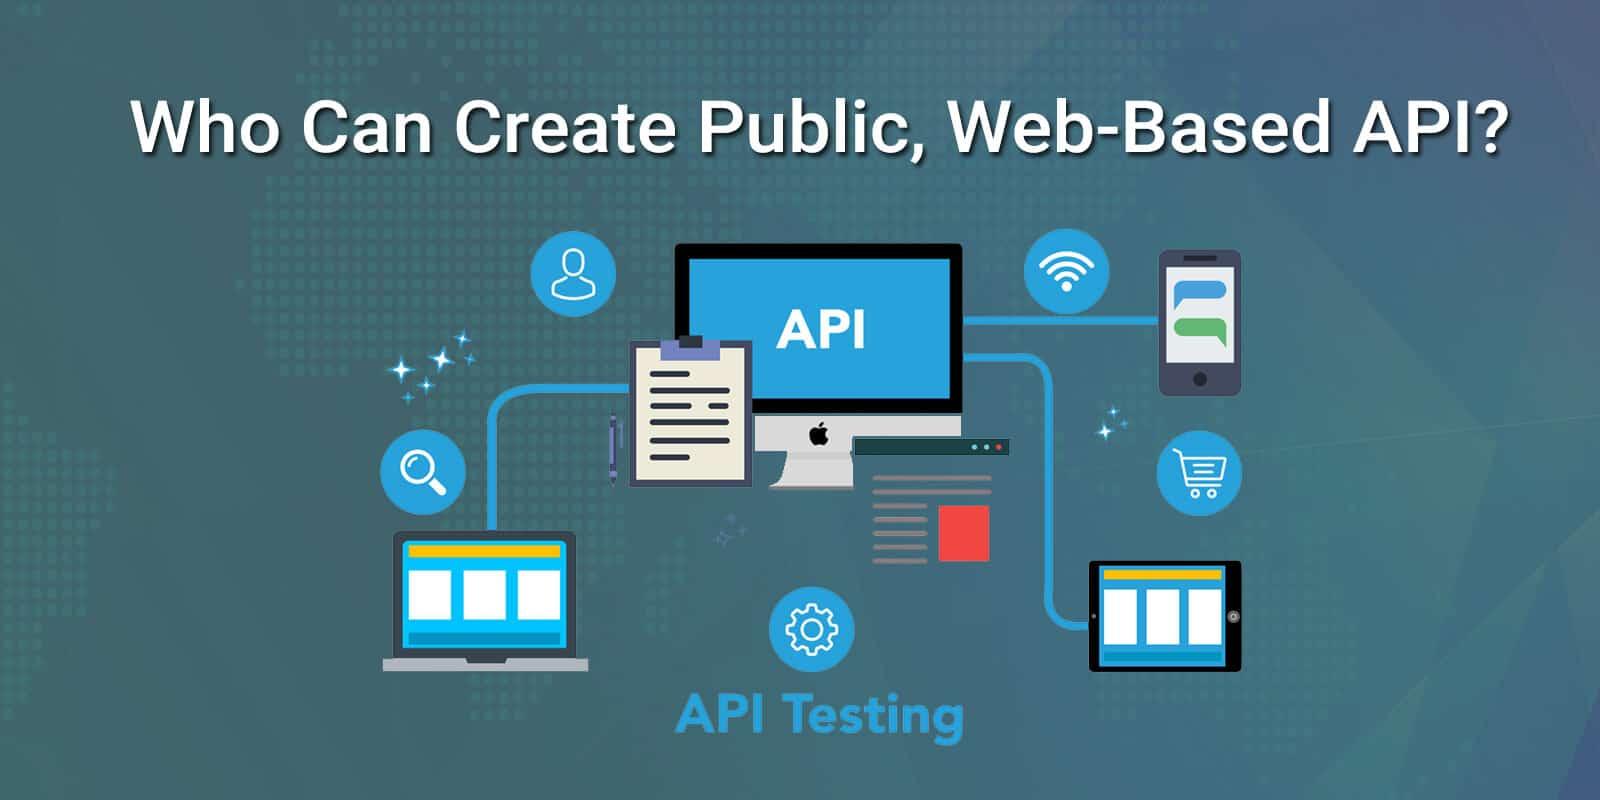 Who can create Public, Web-Based API